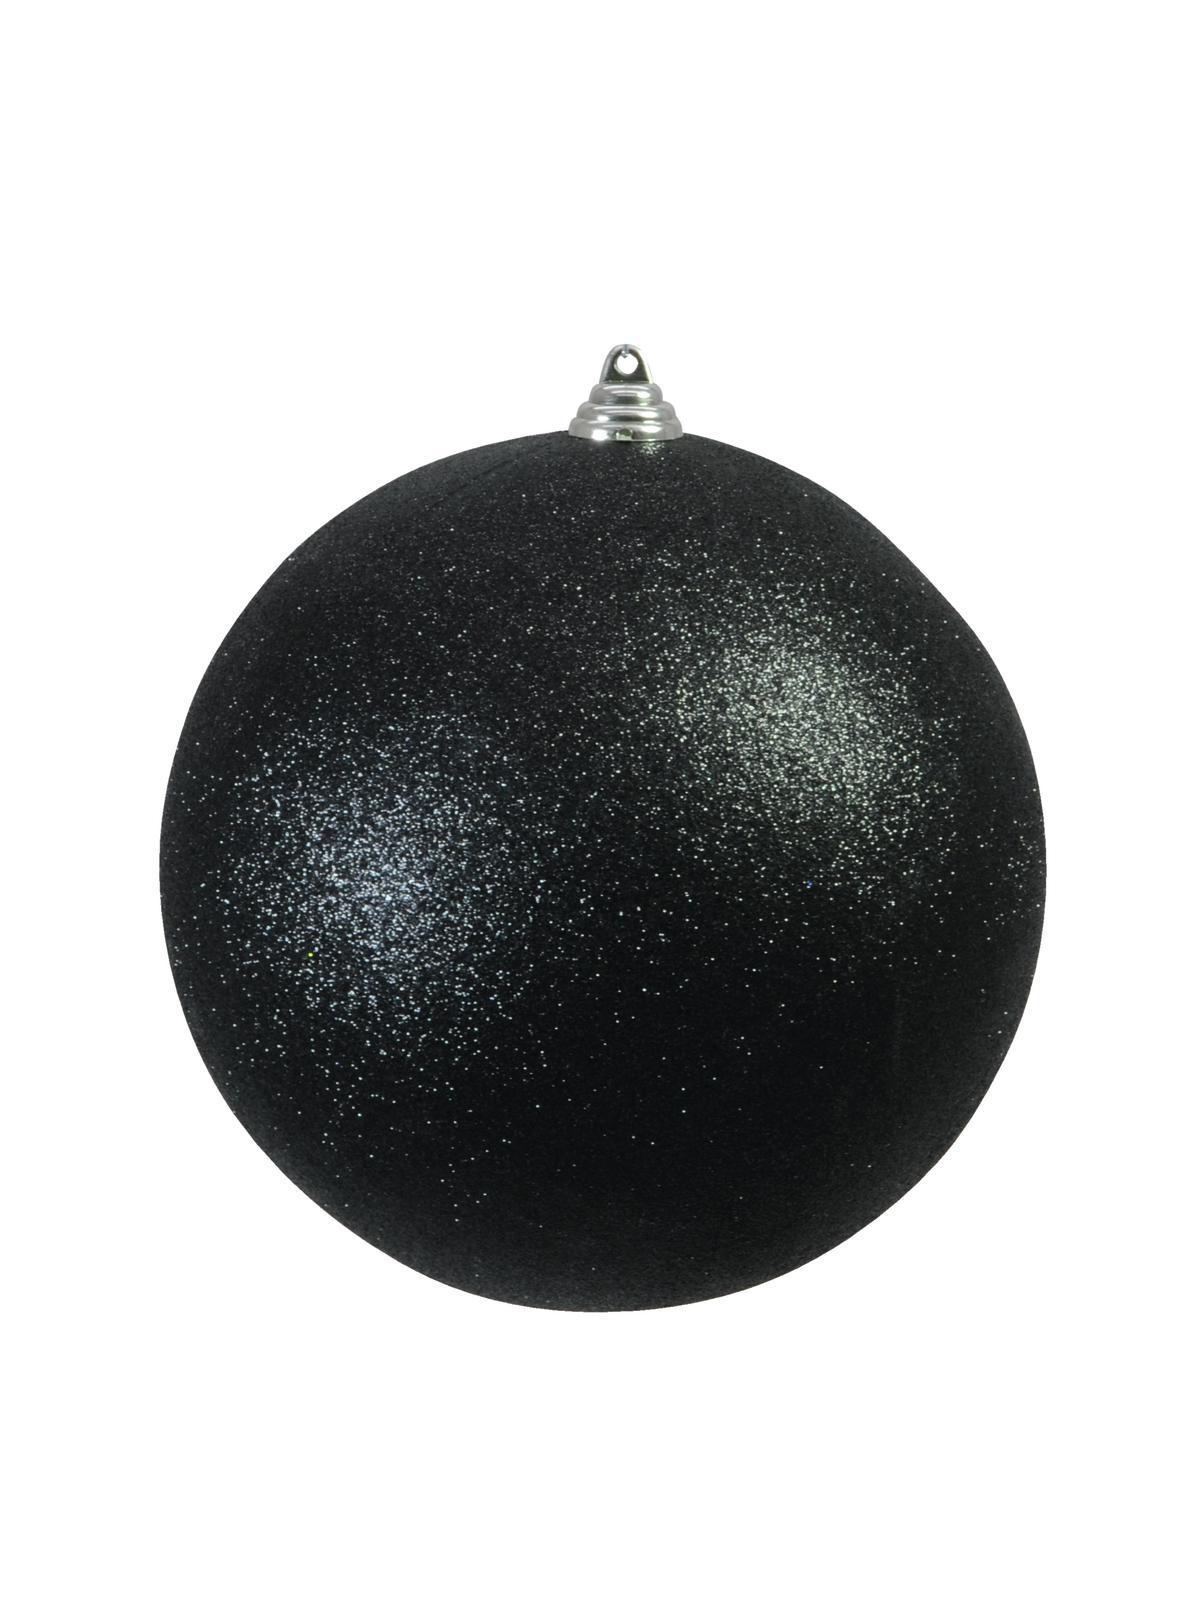 Vánoční dekorační ozdoba, 20 cm, černá se třpytkami, 1 ks